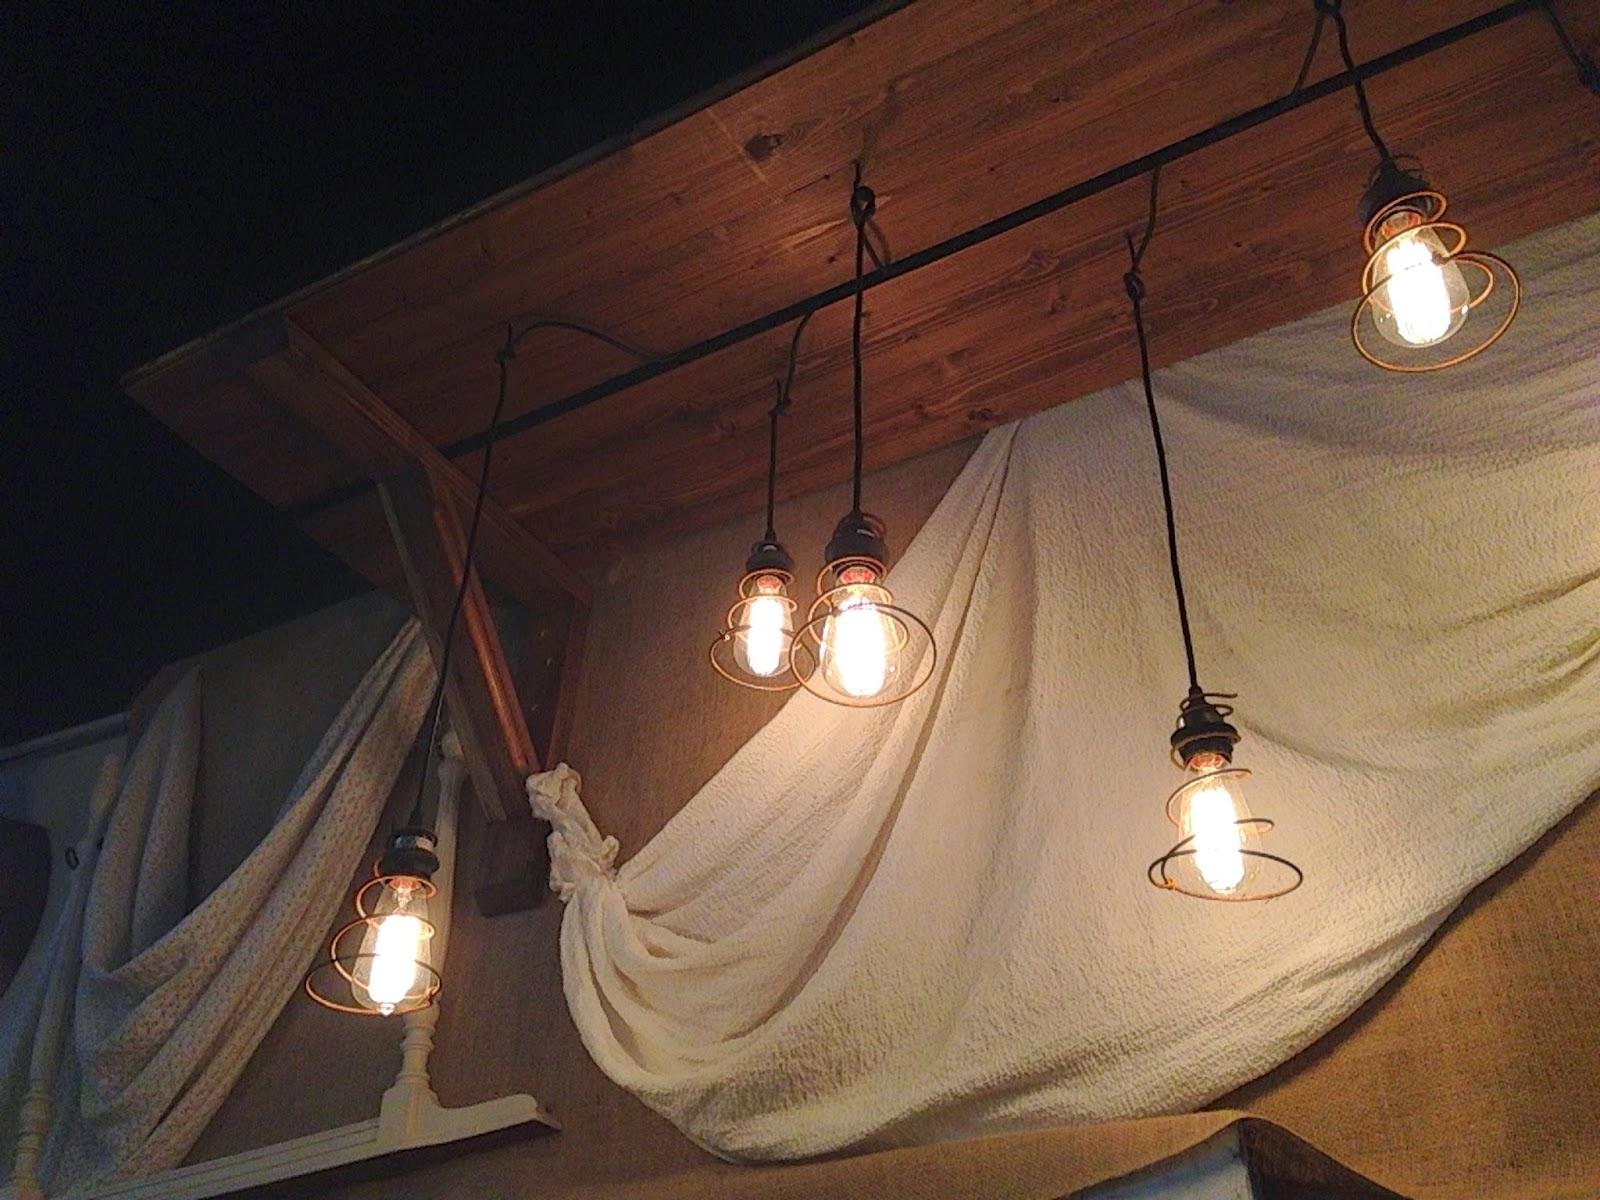 Hanging Pendant Lights Vintage Bed Springs